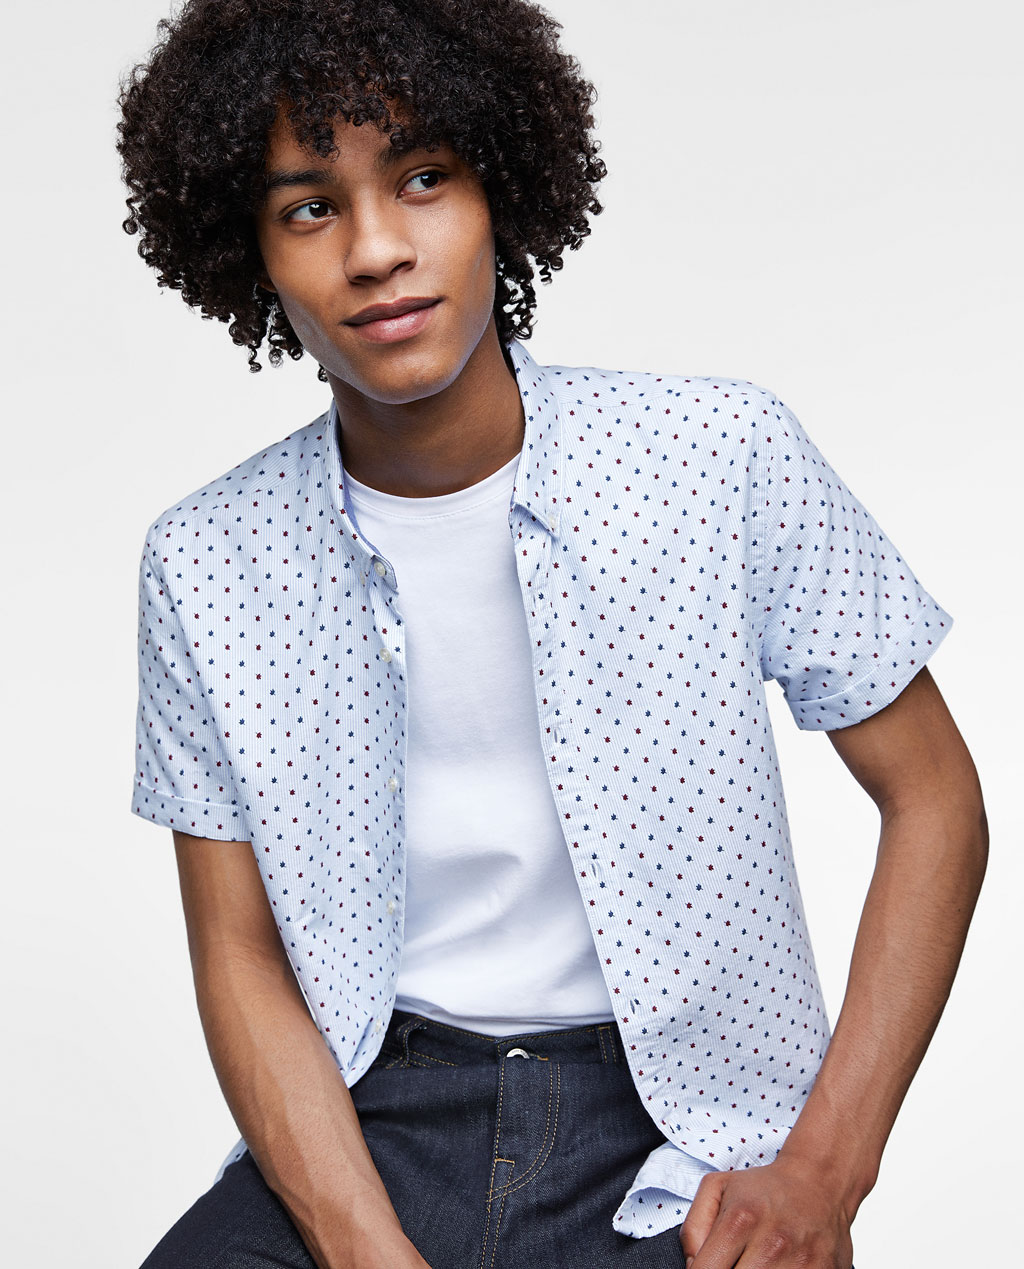 Thời trang nam Zara  24060 - ảnh 6